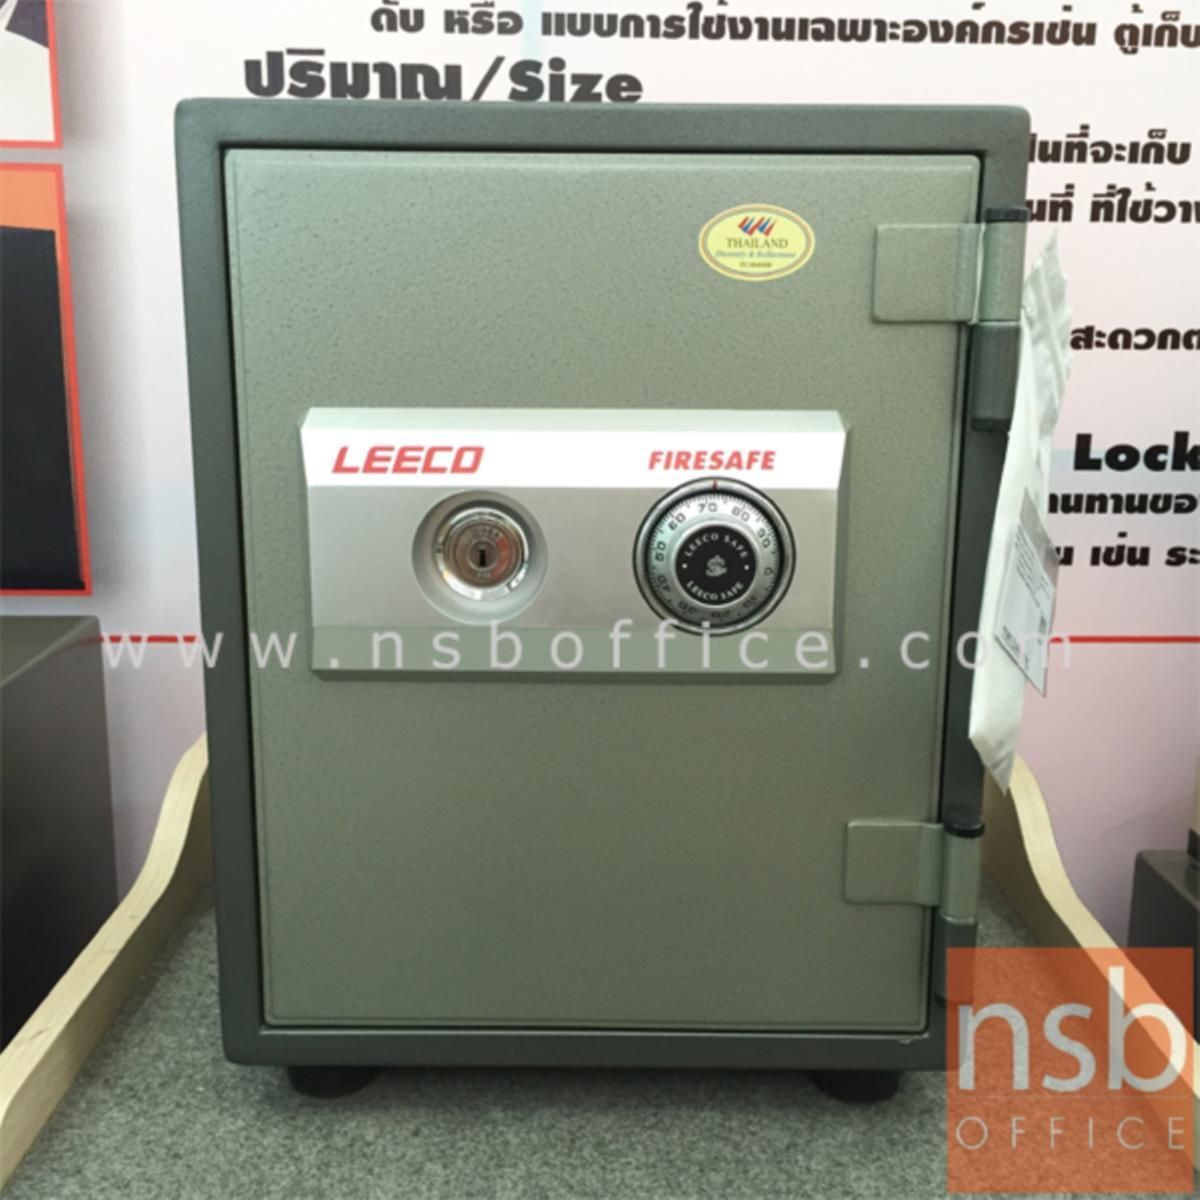 ตู้เซฟนิรภัย 25 กก. ลีโก้ รุ่น LEECO-ES-7 มี 1 กุญแจ 1 รหัส (เปลี่ยนรหัสไม่ได้)